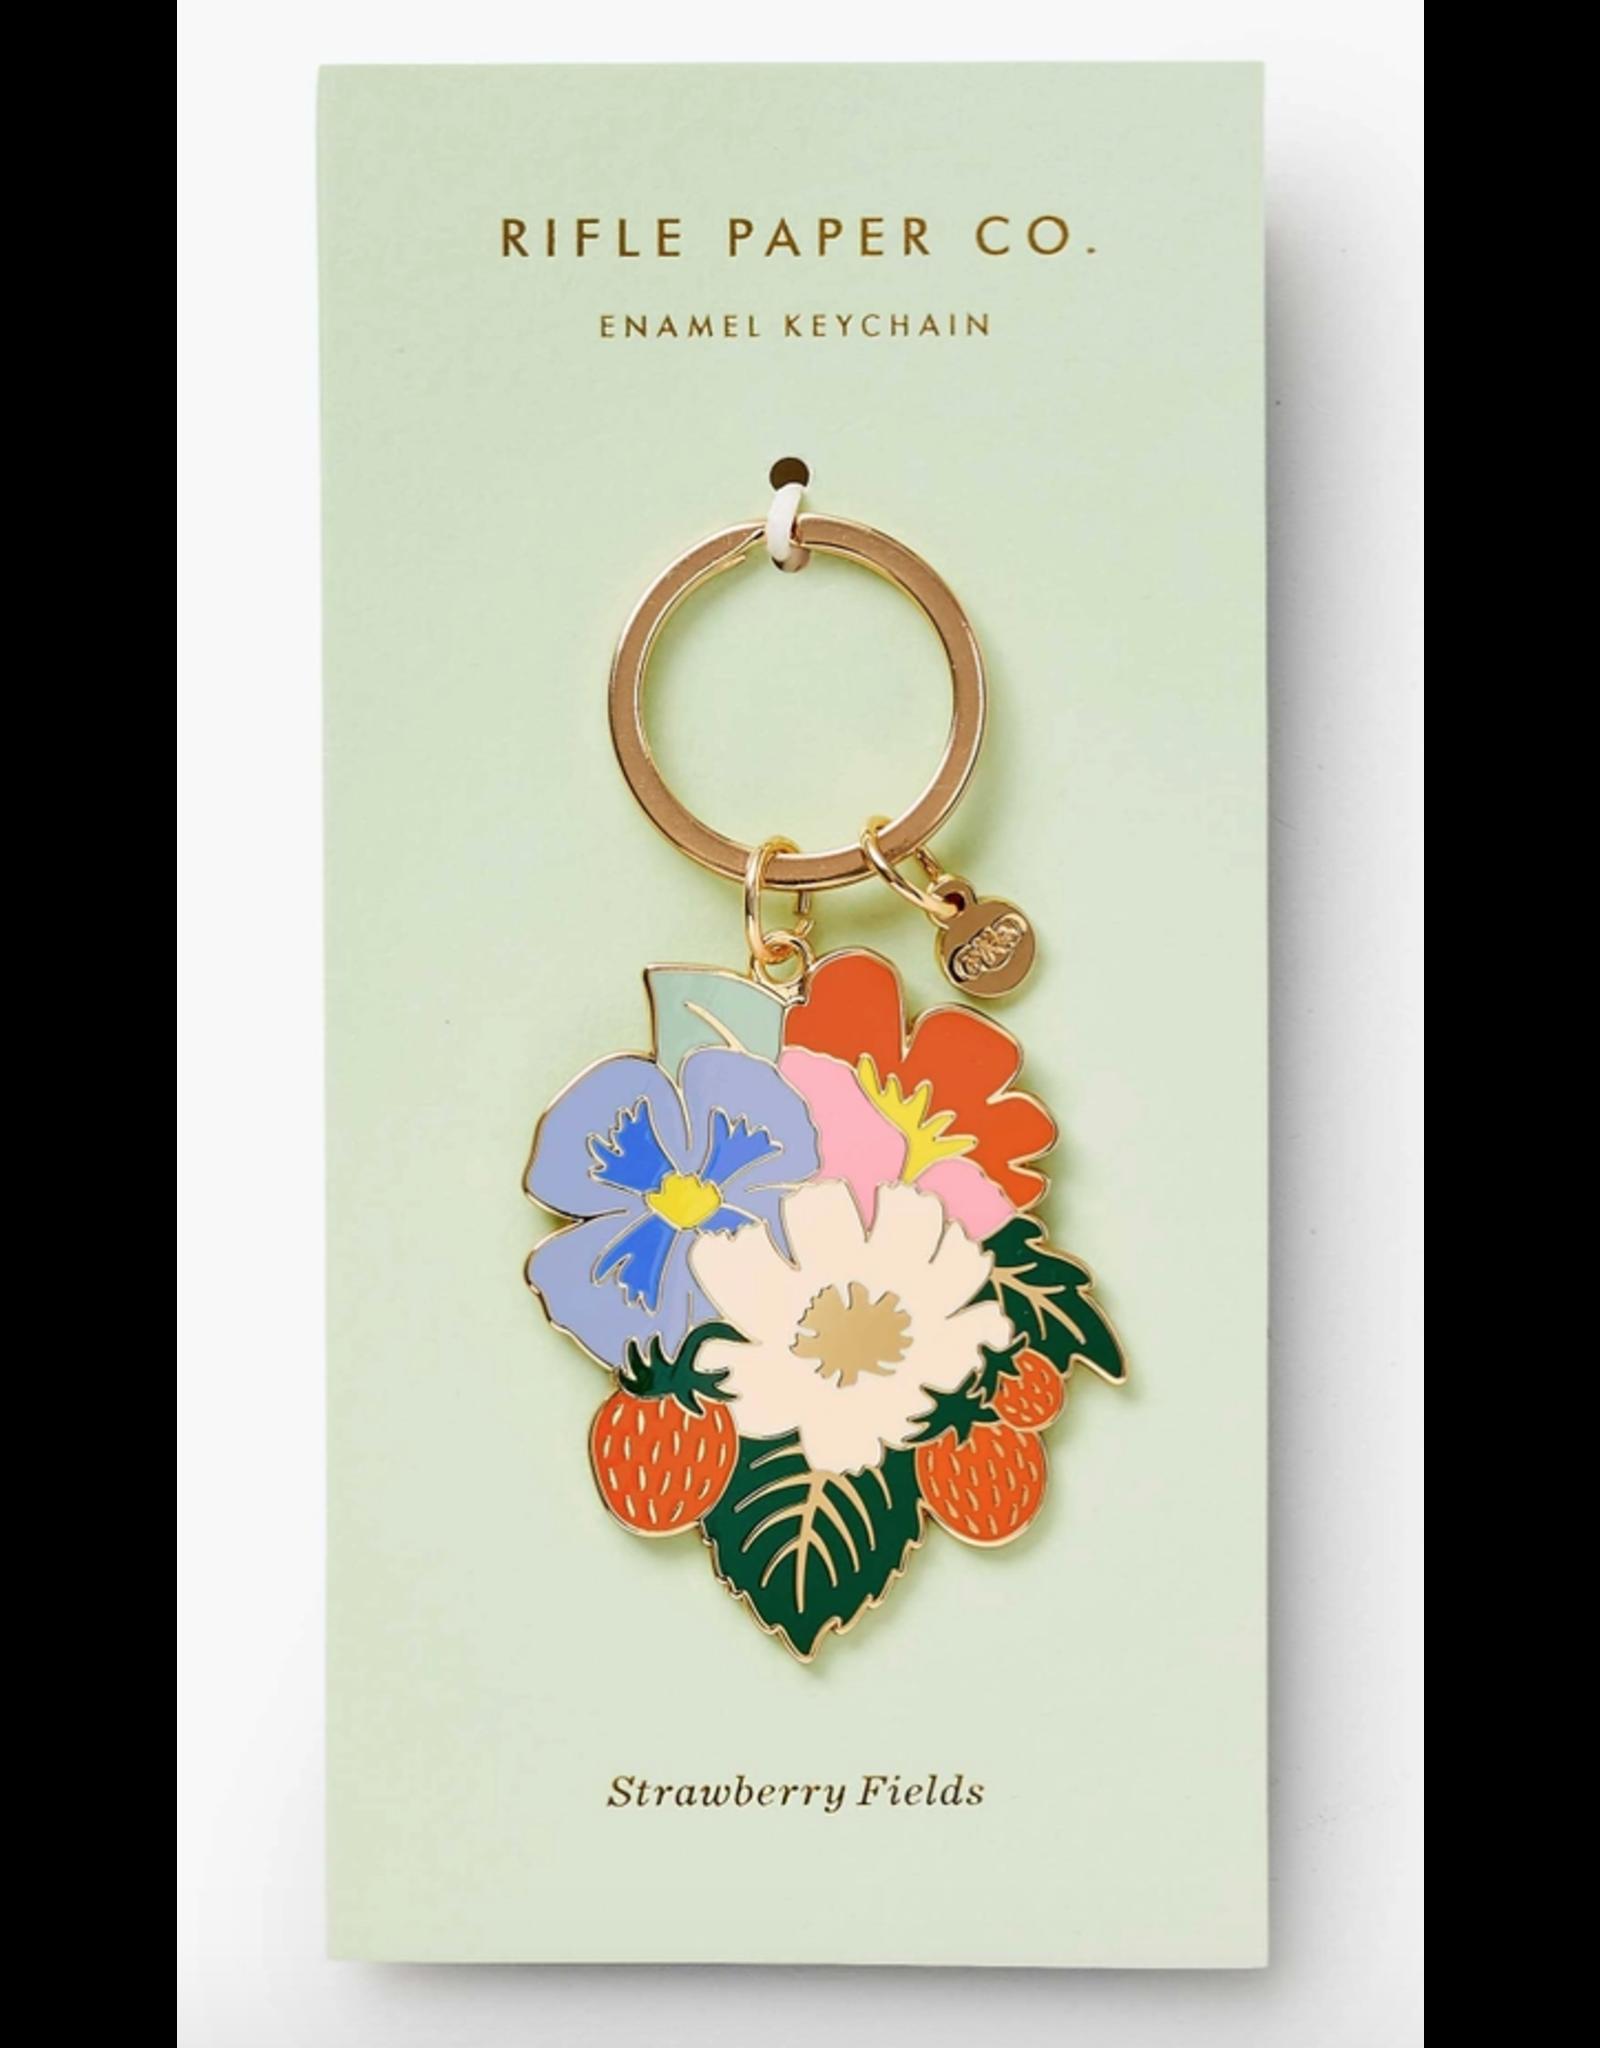 Strawberry Fields Enamel Keychain